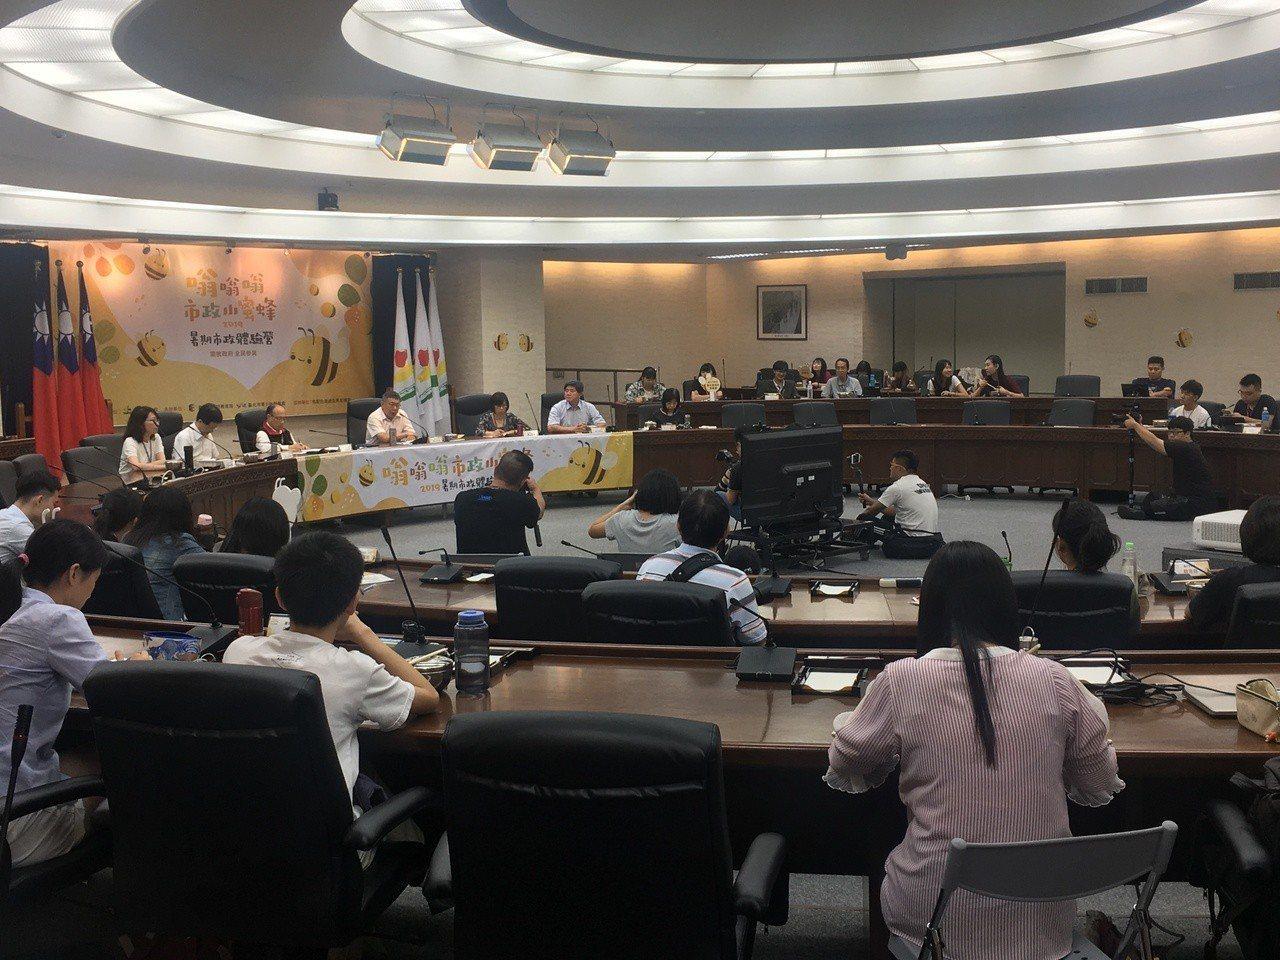 台北市長柯文哲今天中午出席「嗡嗡嗡市政小蜜蜂」與大專院校生便當會。記者魏莨伊 /...